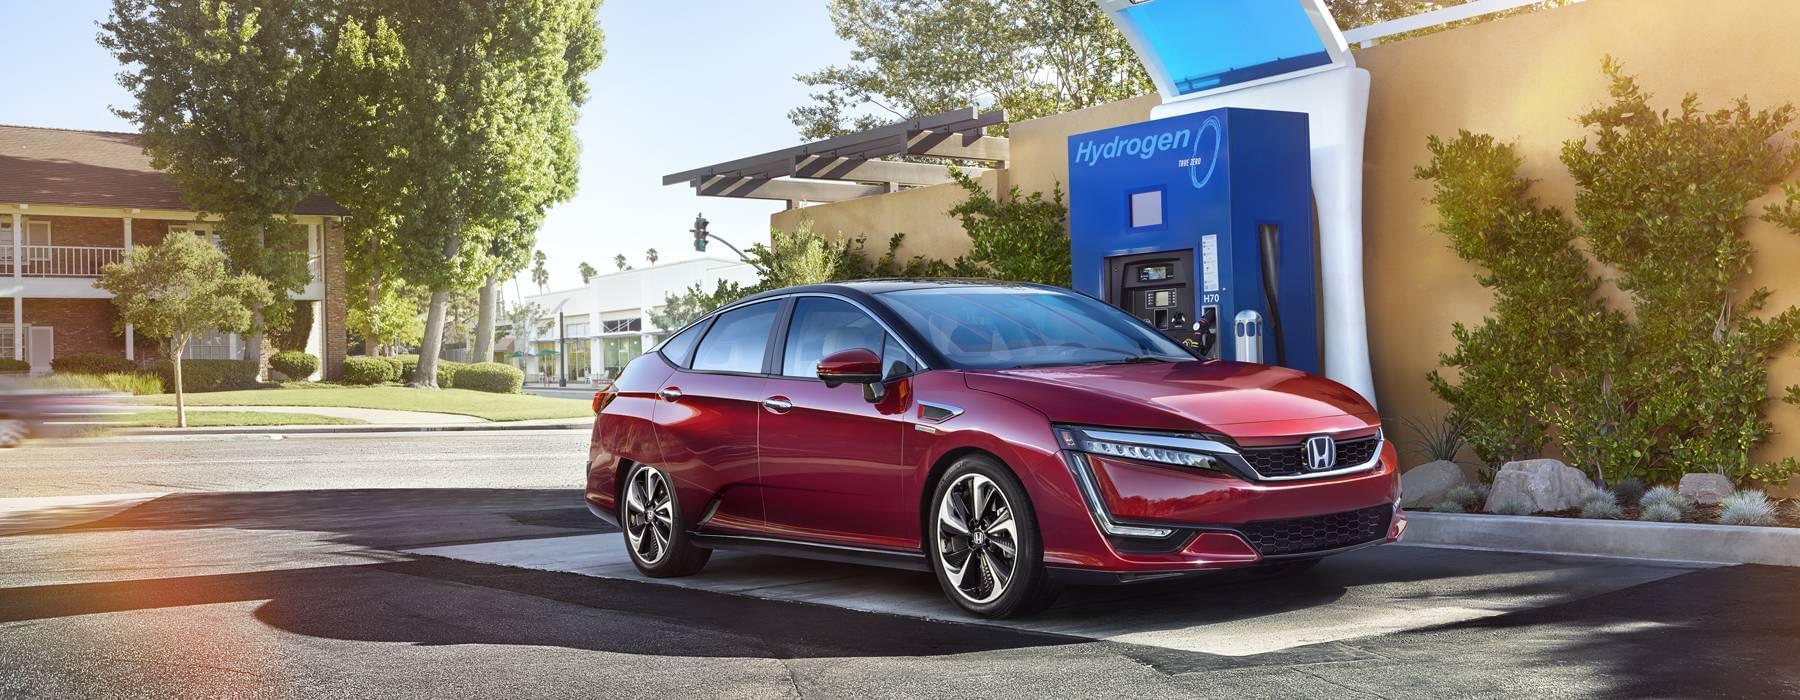 2017 Honda Clarity Fuel Cell Slider